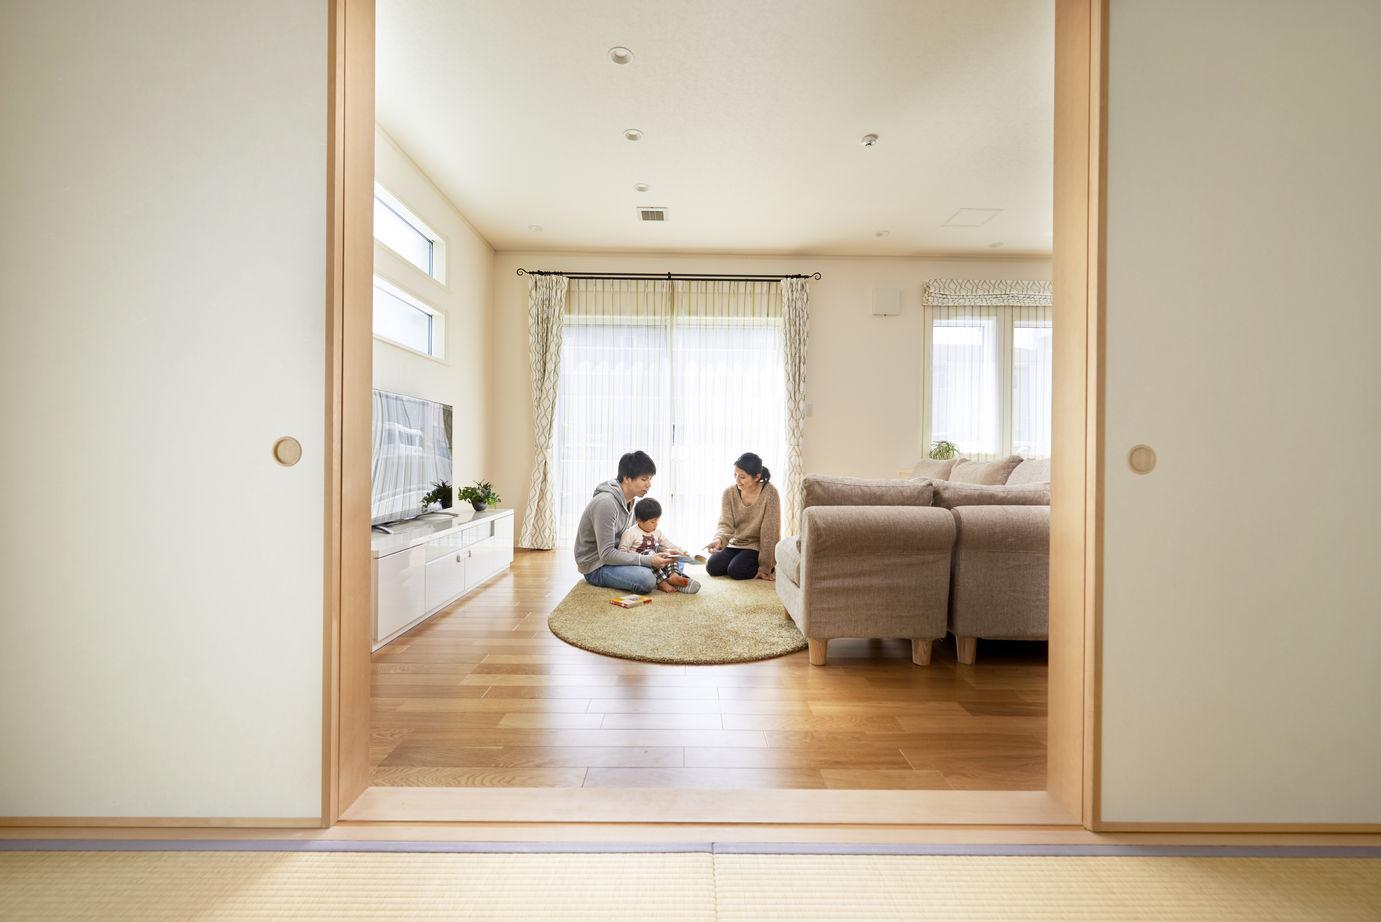 健康空調で家中がいつも一定の室温 オープンな間取りで伸び伸び暮らす画像3